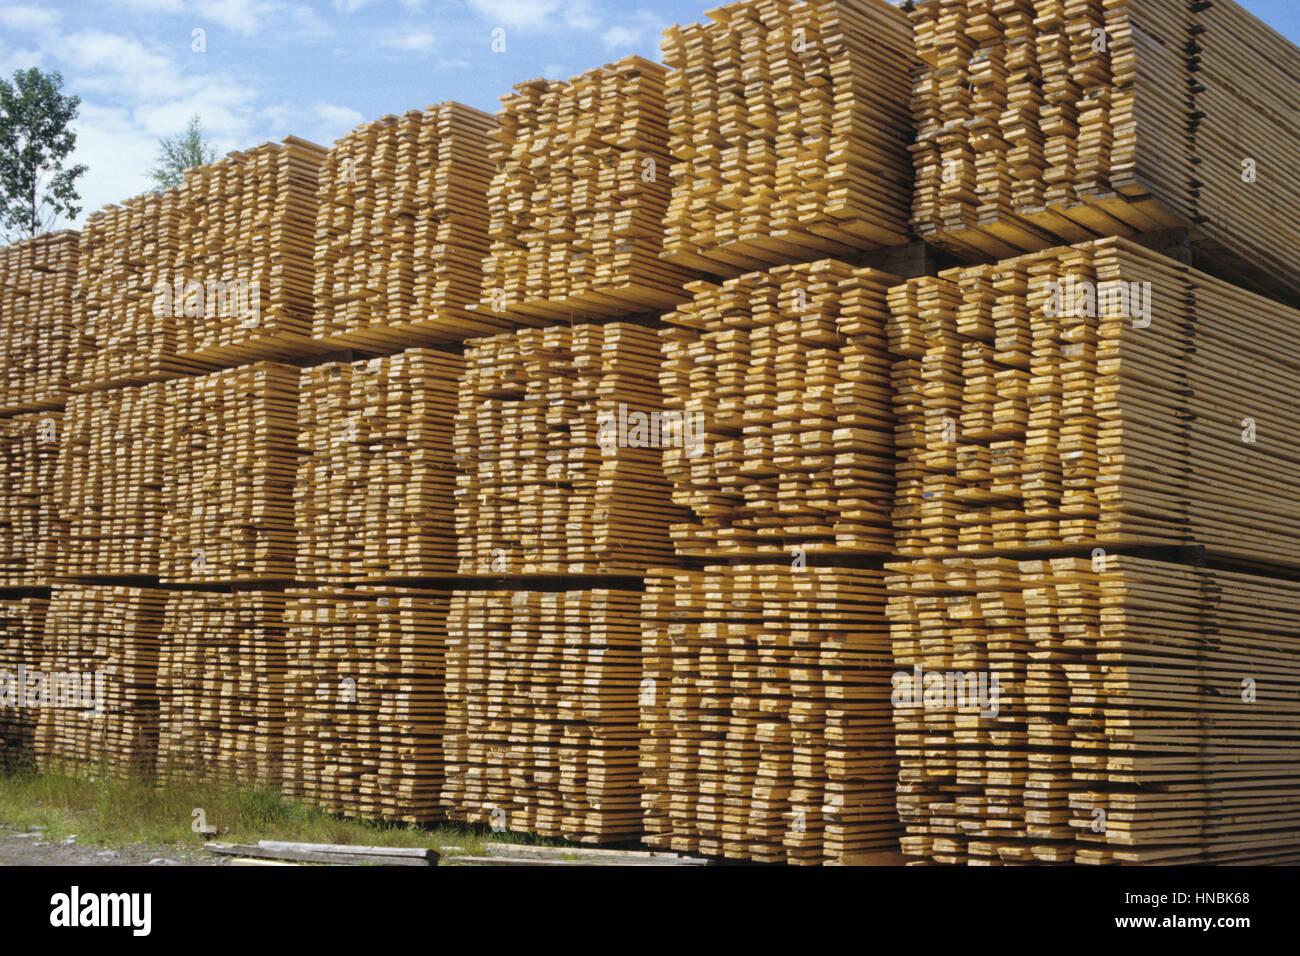 Produits de bois scié empilés pour le séchage et l'attente pour l'exportation Photo Stock